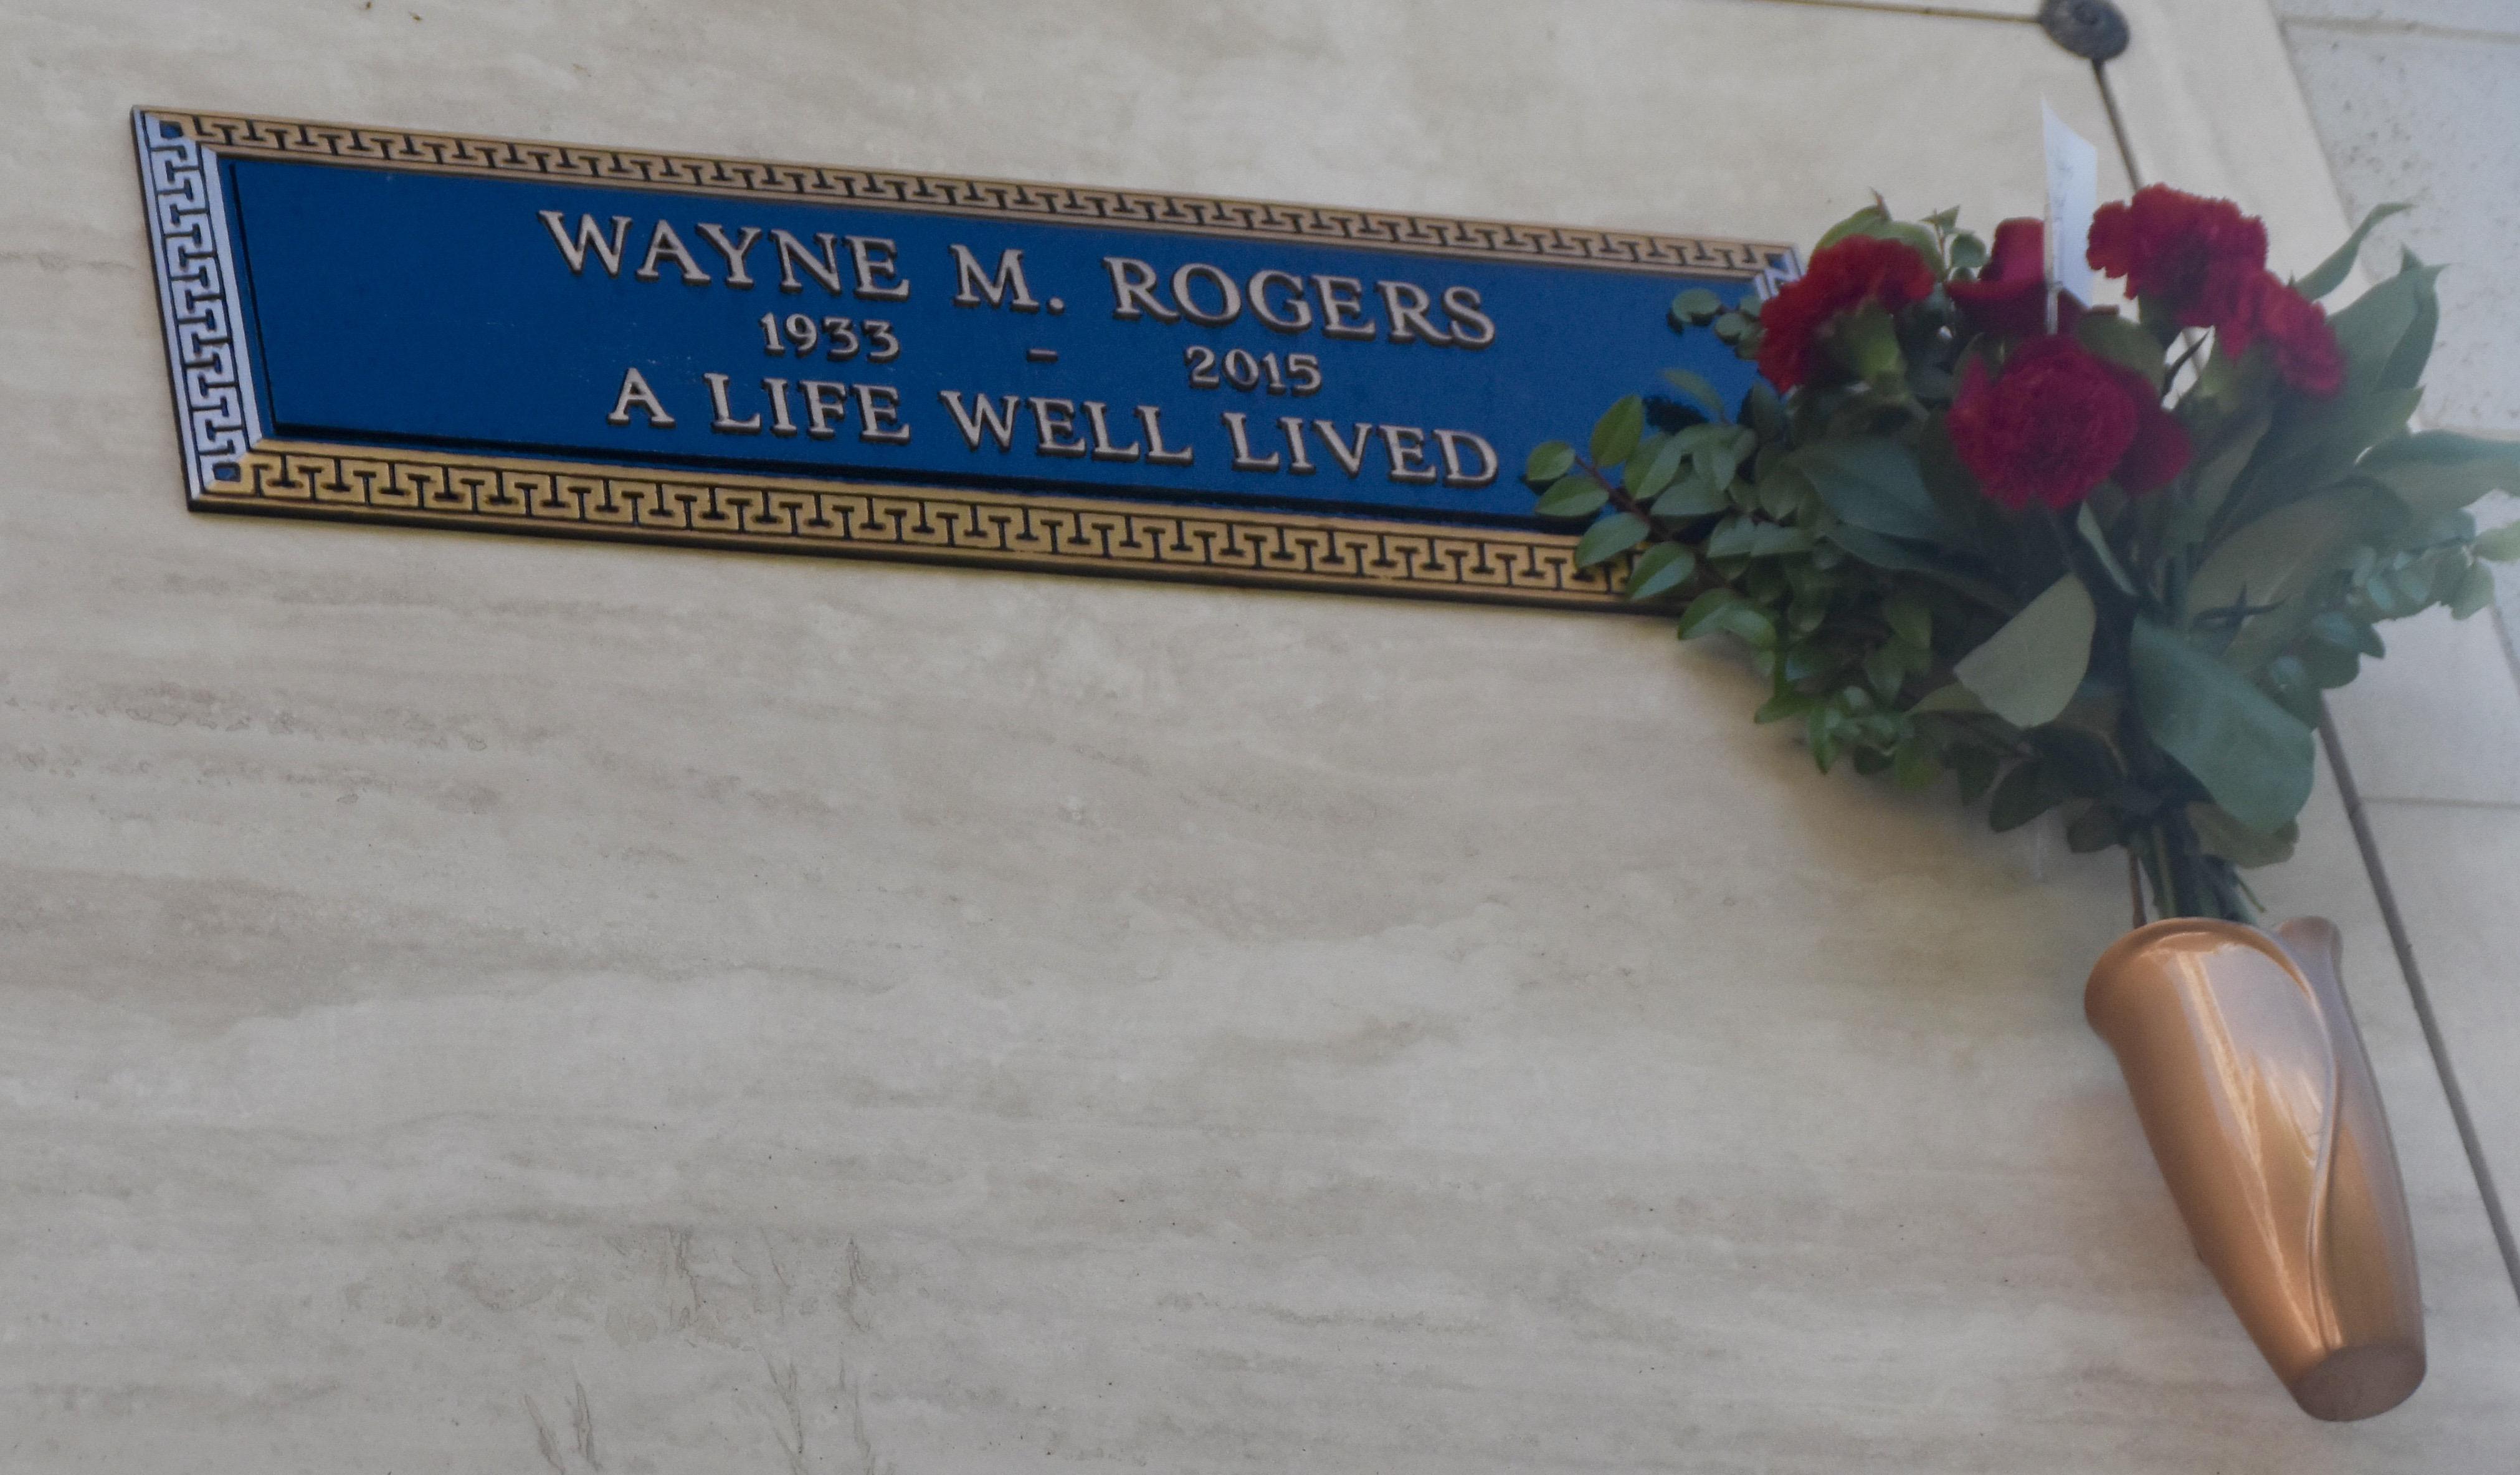 Wayne Rogers, Westwood Village Cemetery